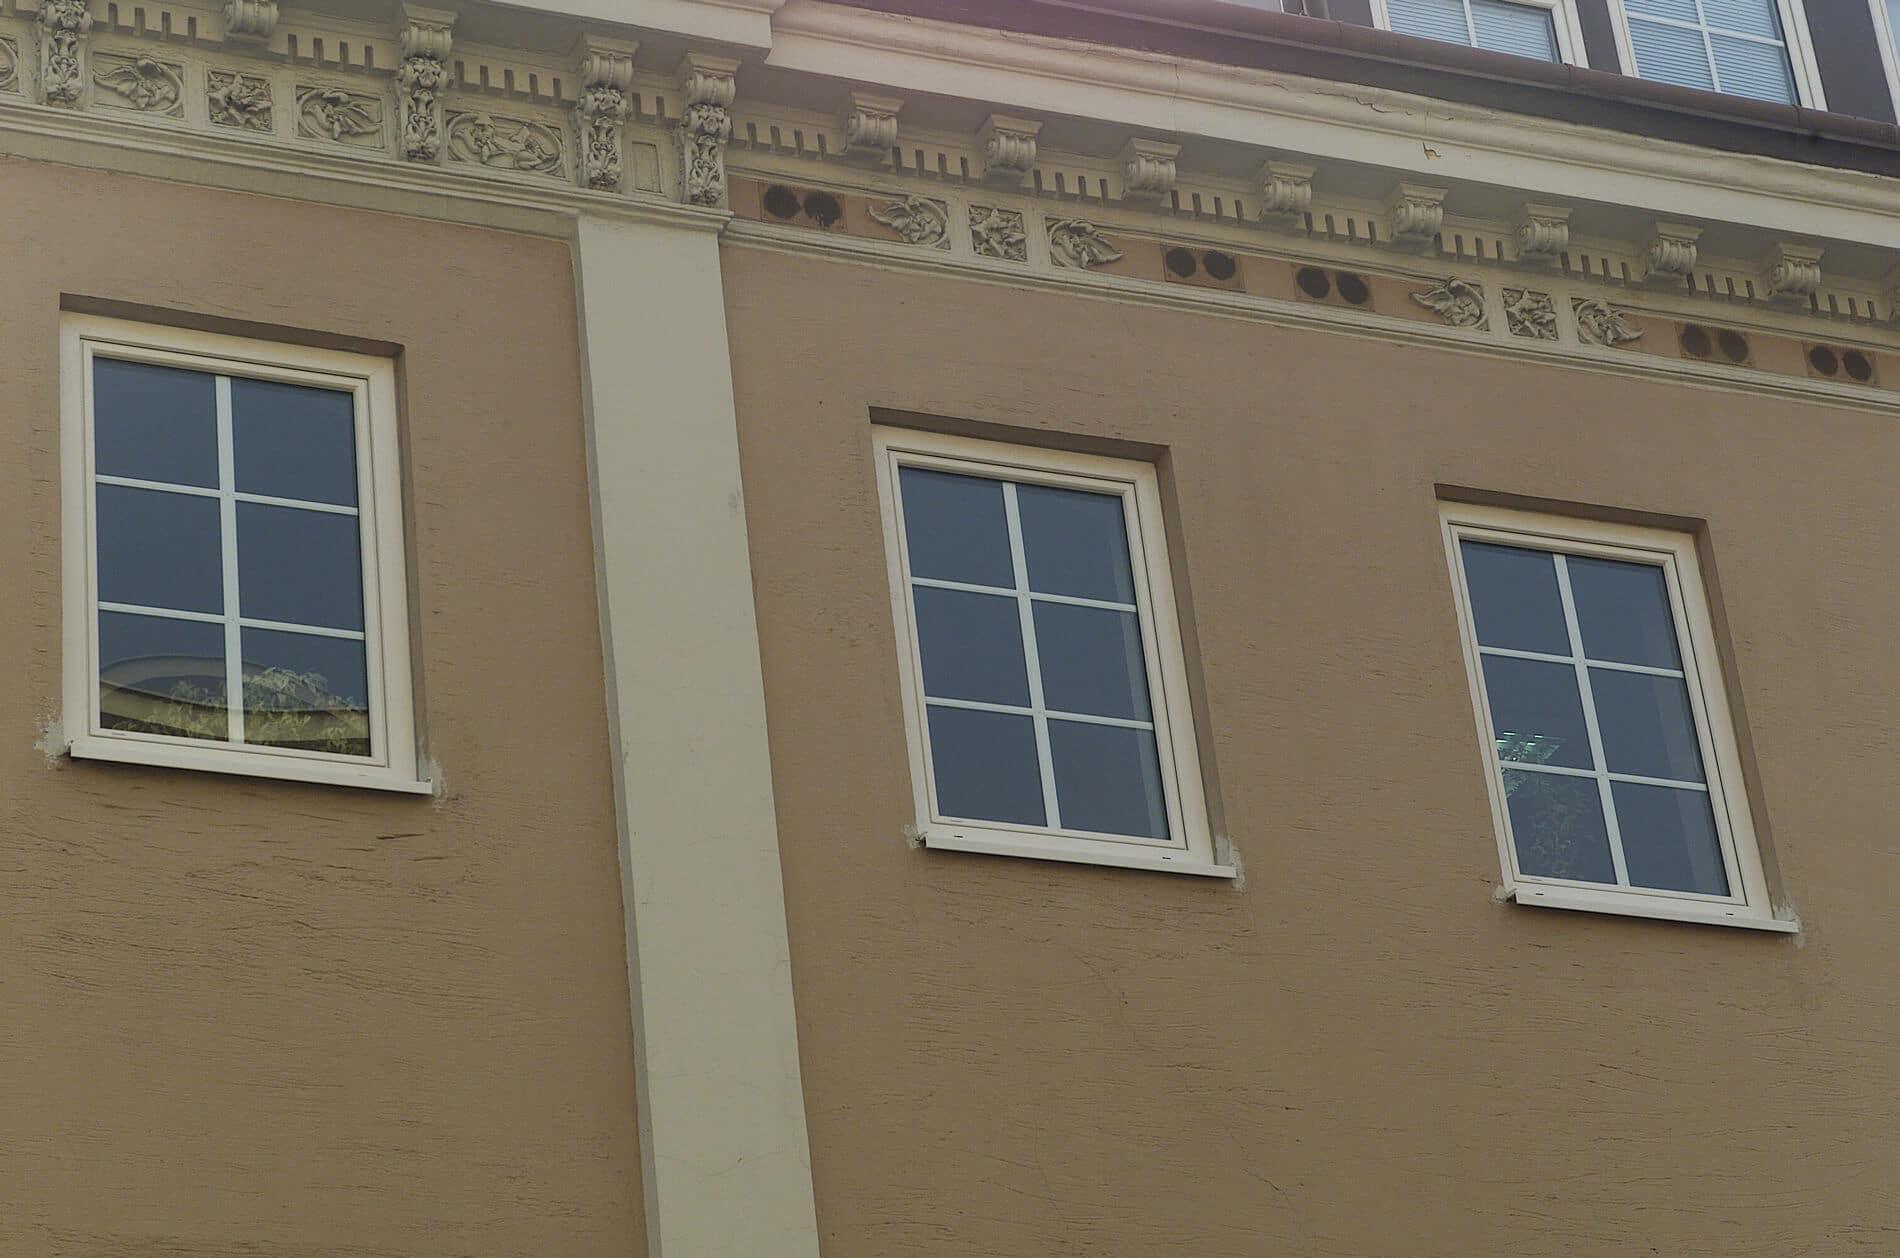 Full Size of Fenster Erneuern Fr Altbau In Sterreich Fenstertausch Nach Ma Alarmanlage Einbau Felux Rollos Für Sichtschutz Standardmaße Roro Sichtschutzfolien Rc3 Fenster Fenster Erneuern